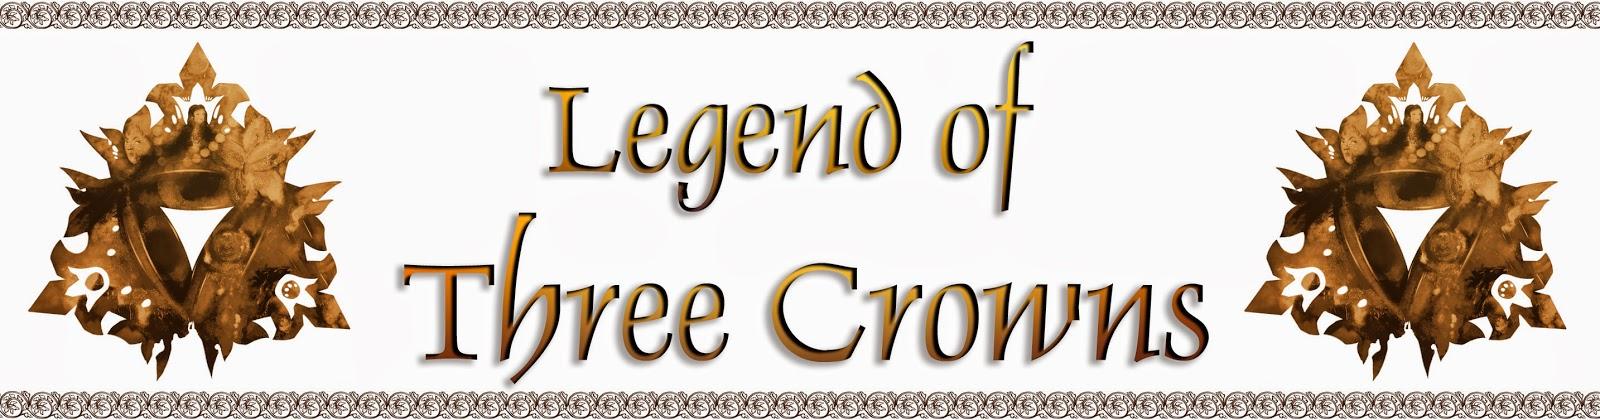 http://www.legendofthreecrowns.blogspot.com/